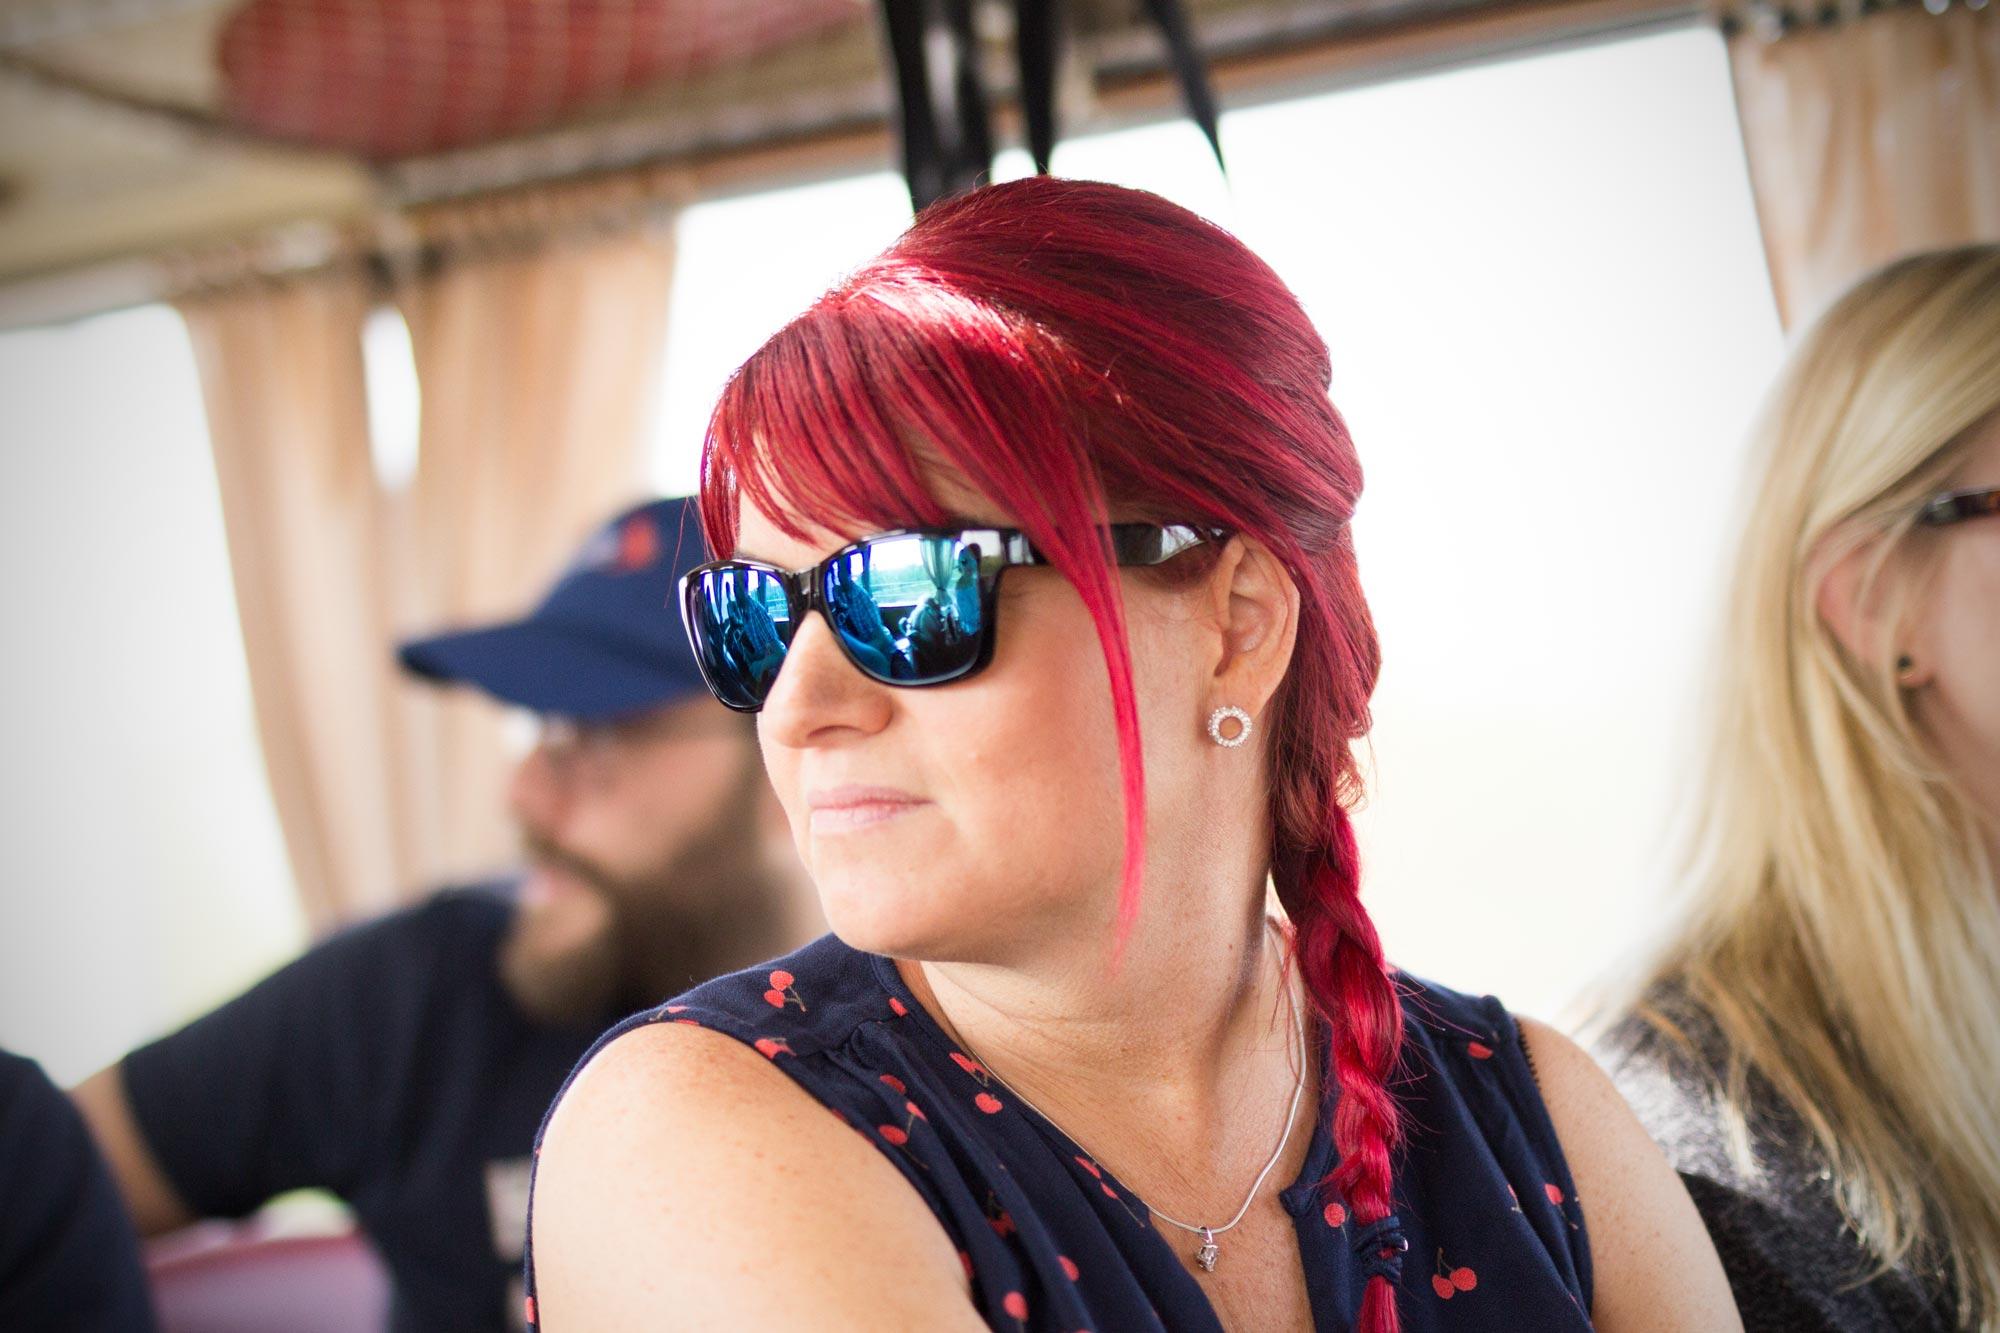 Cornelia Hinrichs ist Augenoptikermeisterin bei Optik Sagawe in Reutershagen - hat hier eine Sonnenbrille von Maui Jim auf